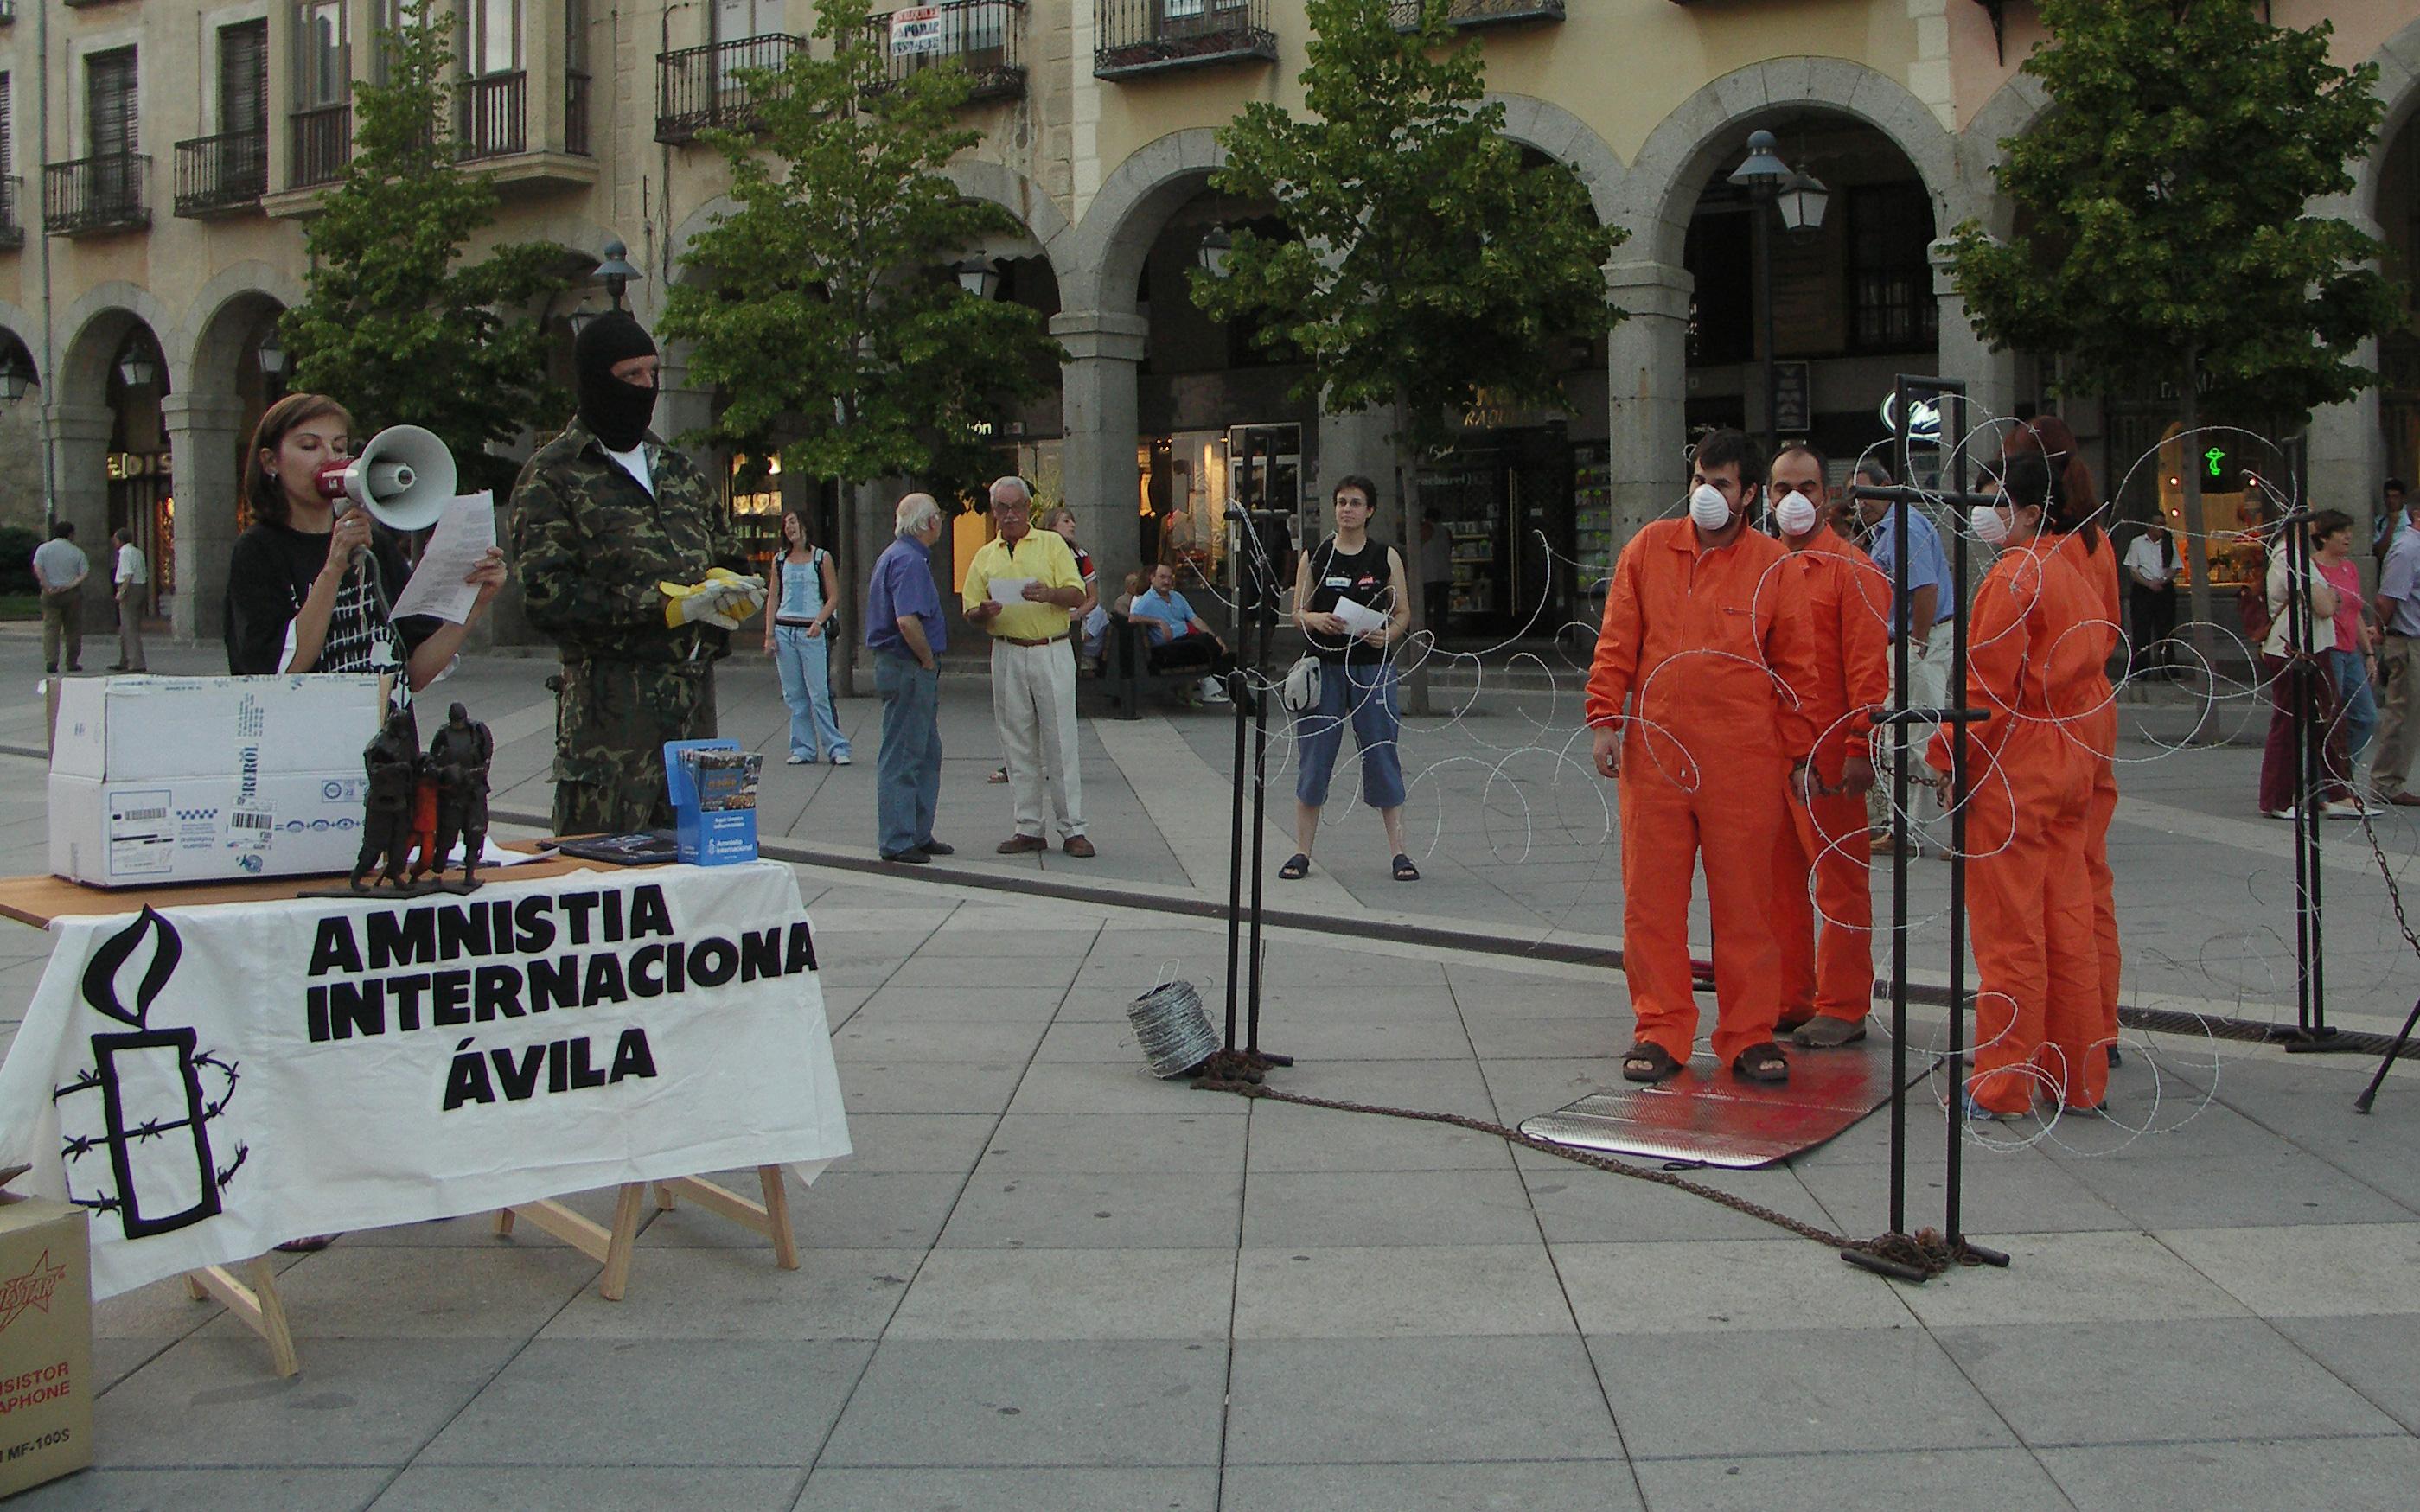 Nella foto: un presidio pubblico di volontari di Amnesty international, per protestare contro il campo di prigionia di Guantánamo